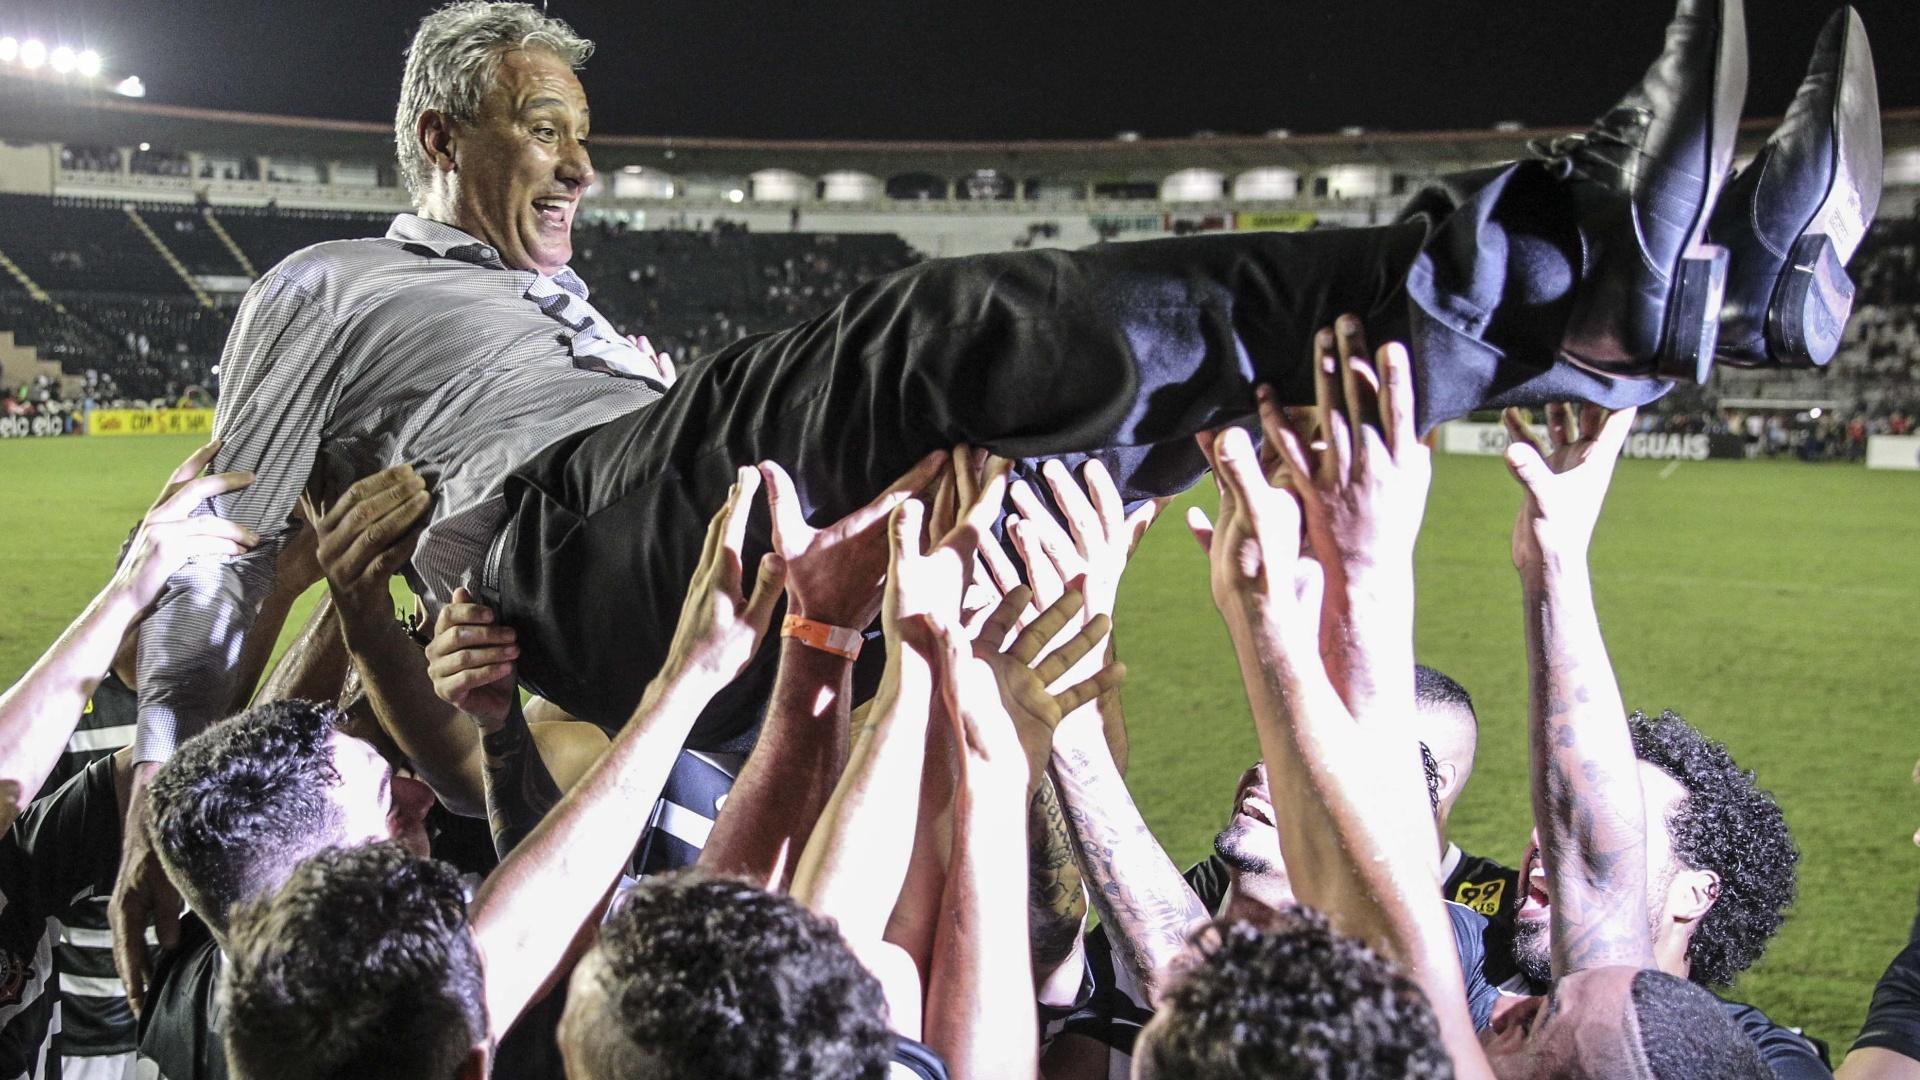 Jogadores jogam Tite para o alto após garantirem o título do Campeonato Brasileiro